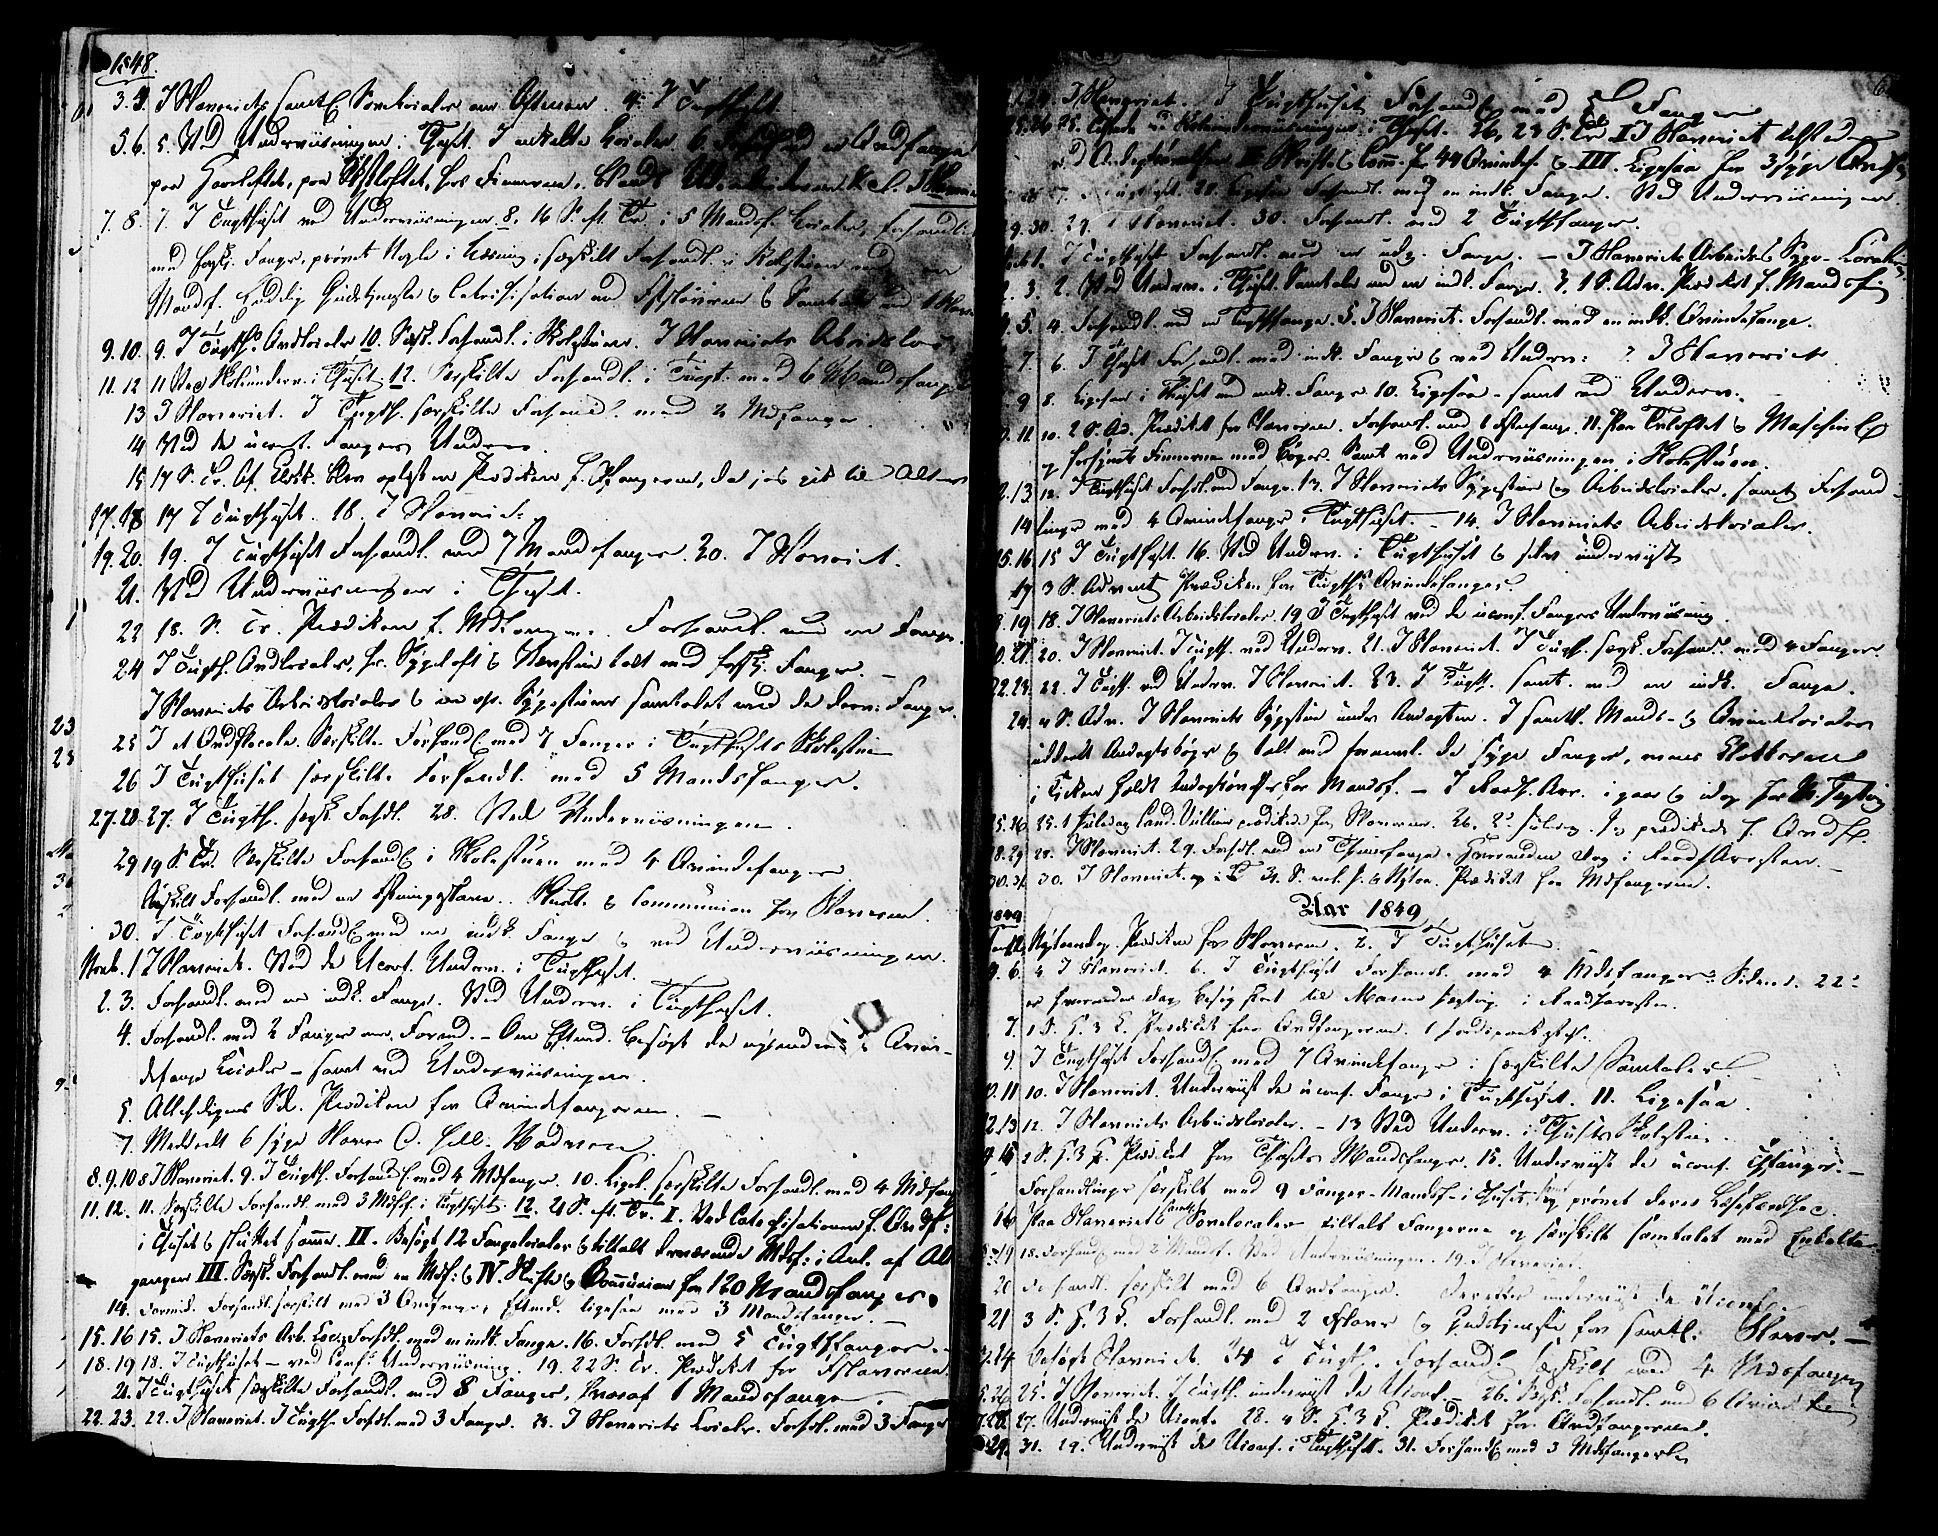 SAT, Ministerialprotokoller, klokkerbøker og fødselsregistre - Sør-Trøndelag, 624/L0480: Ministerialbok nr. 624A01, 1841-1864, s. 62